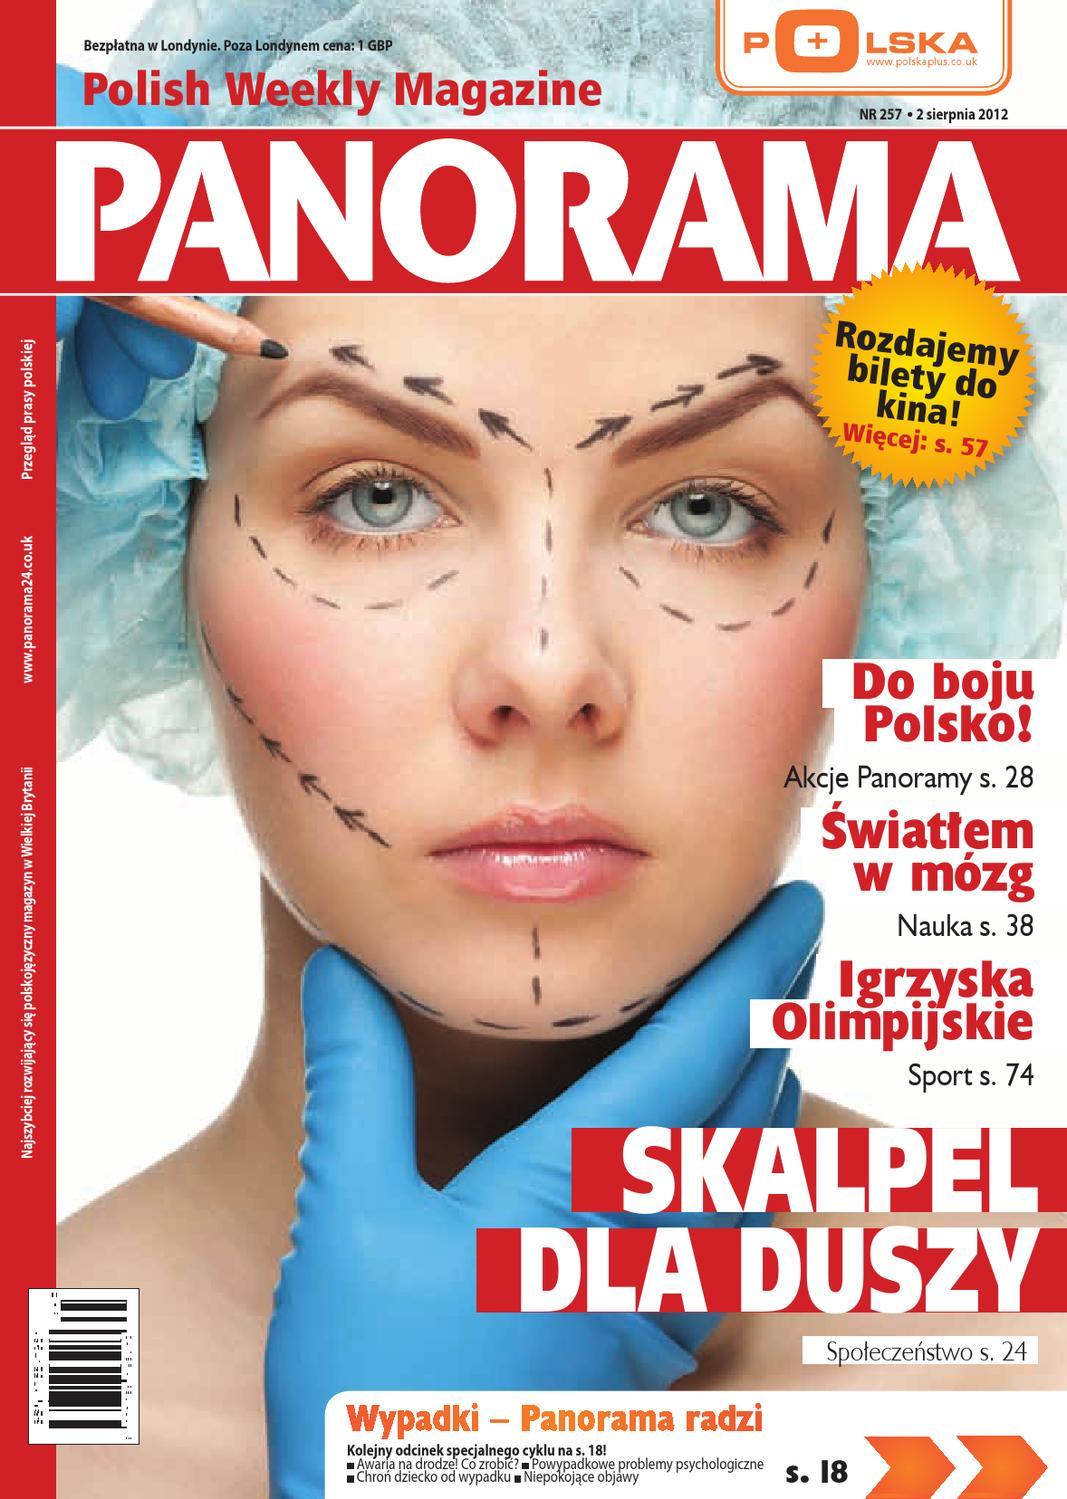 Poznam dziewczyny Tomaszw Mazowiecki - Darmowe